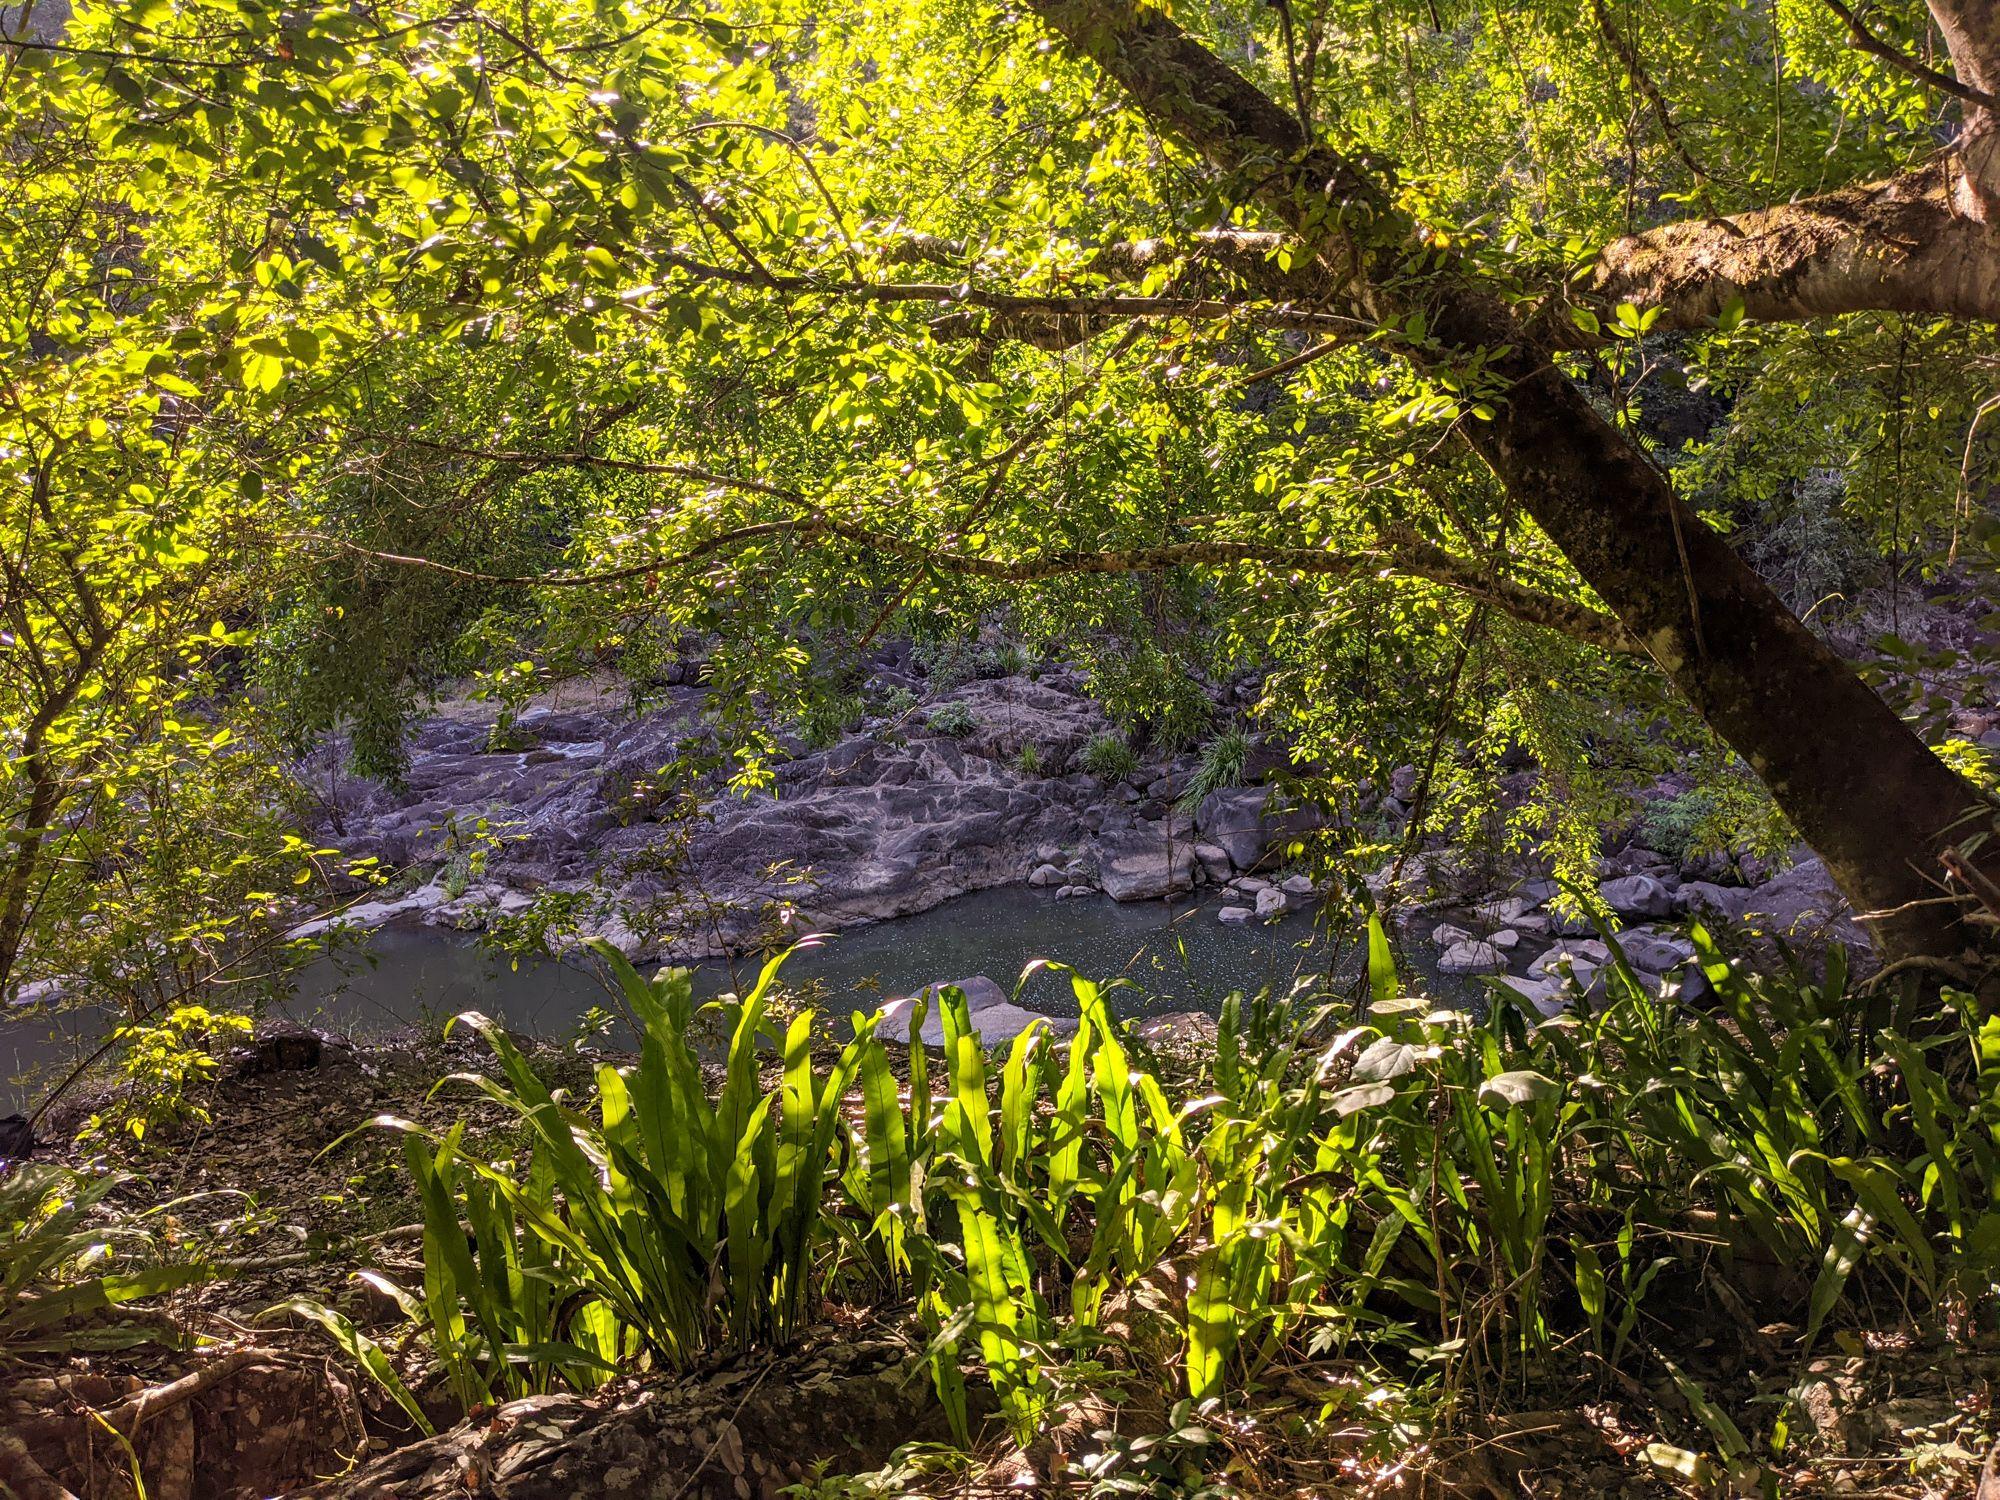 garrawalt creek ferns